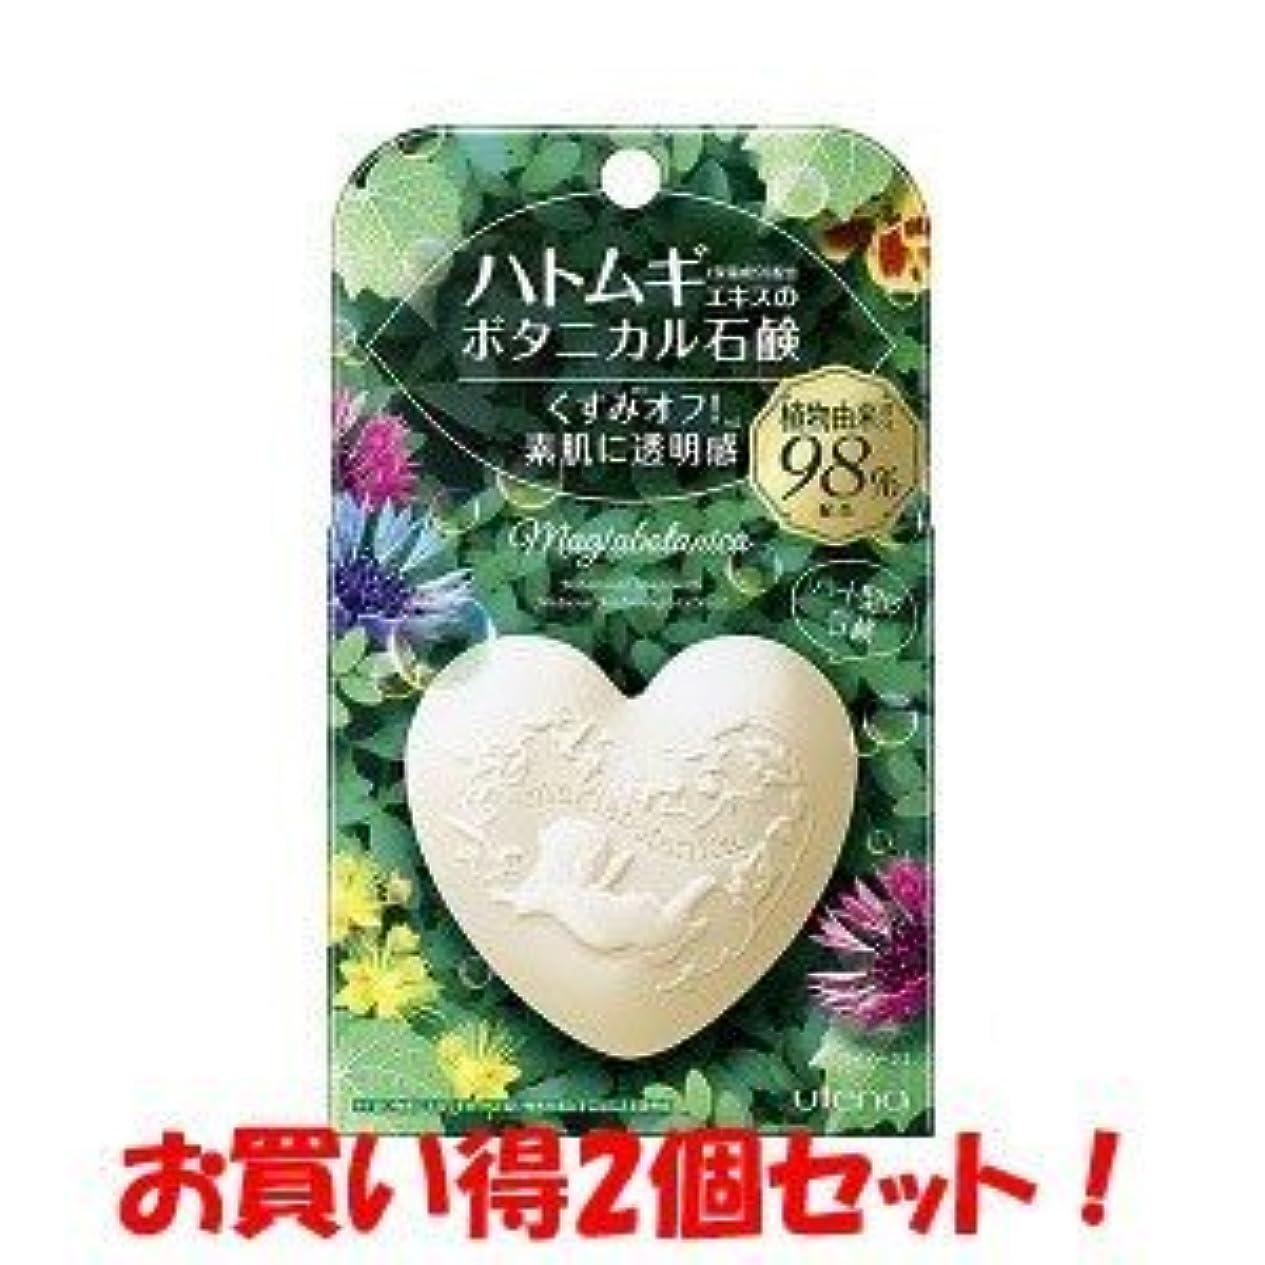 一部父方の裁判官(ウテナ)マジアボタニカ ボタニカル石鹸 100g(お買い得2個セット)